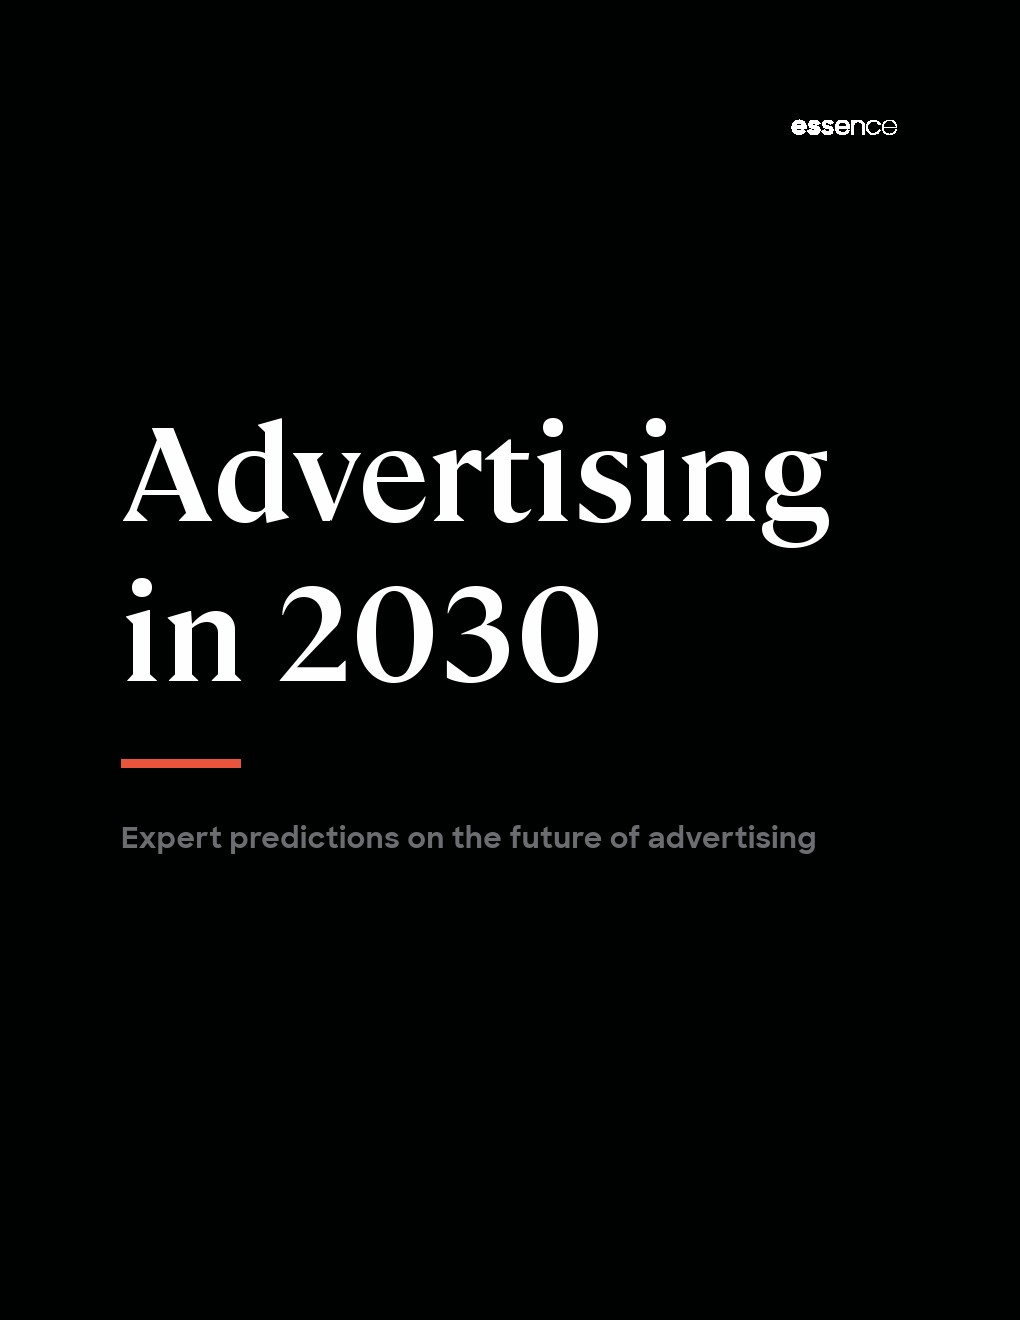 2030年的广告业:专家对未来广告业的预测